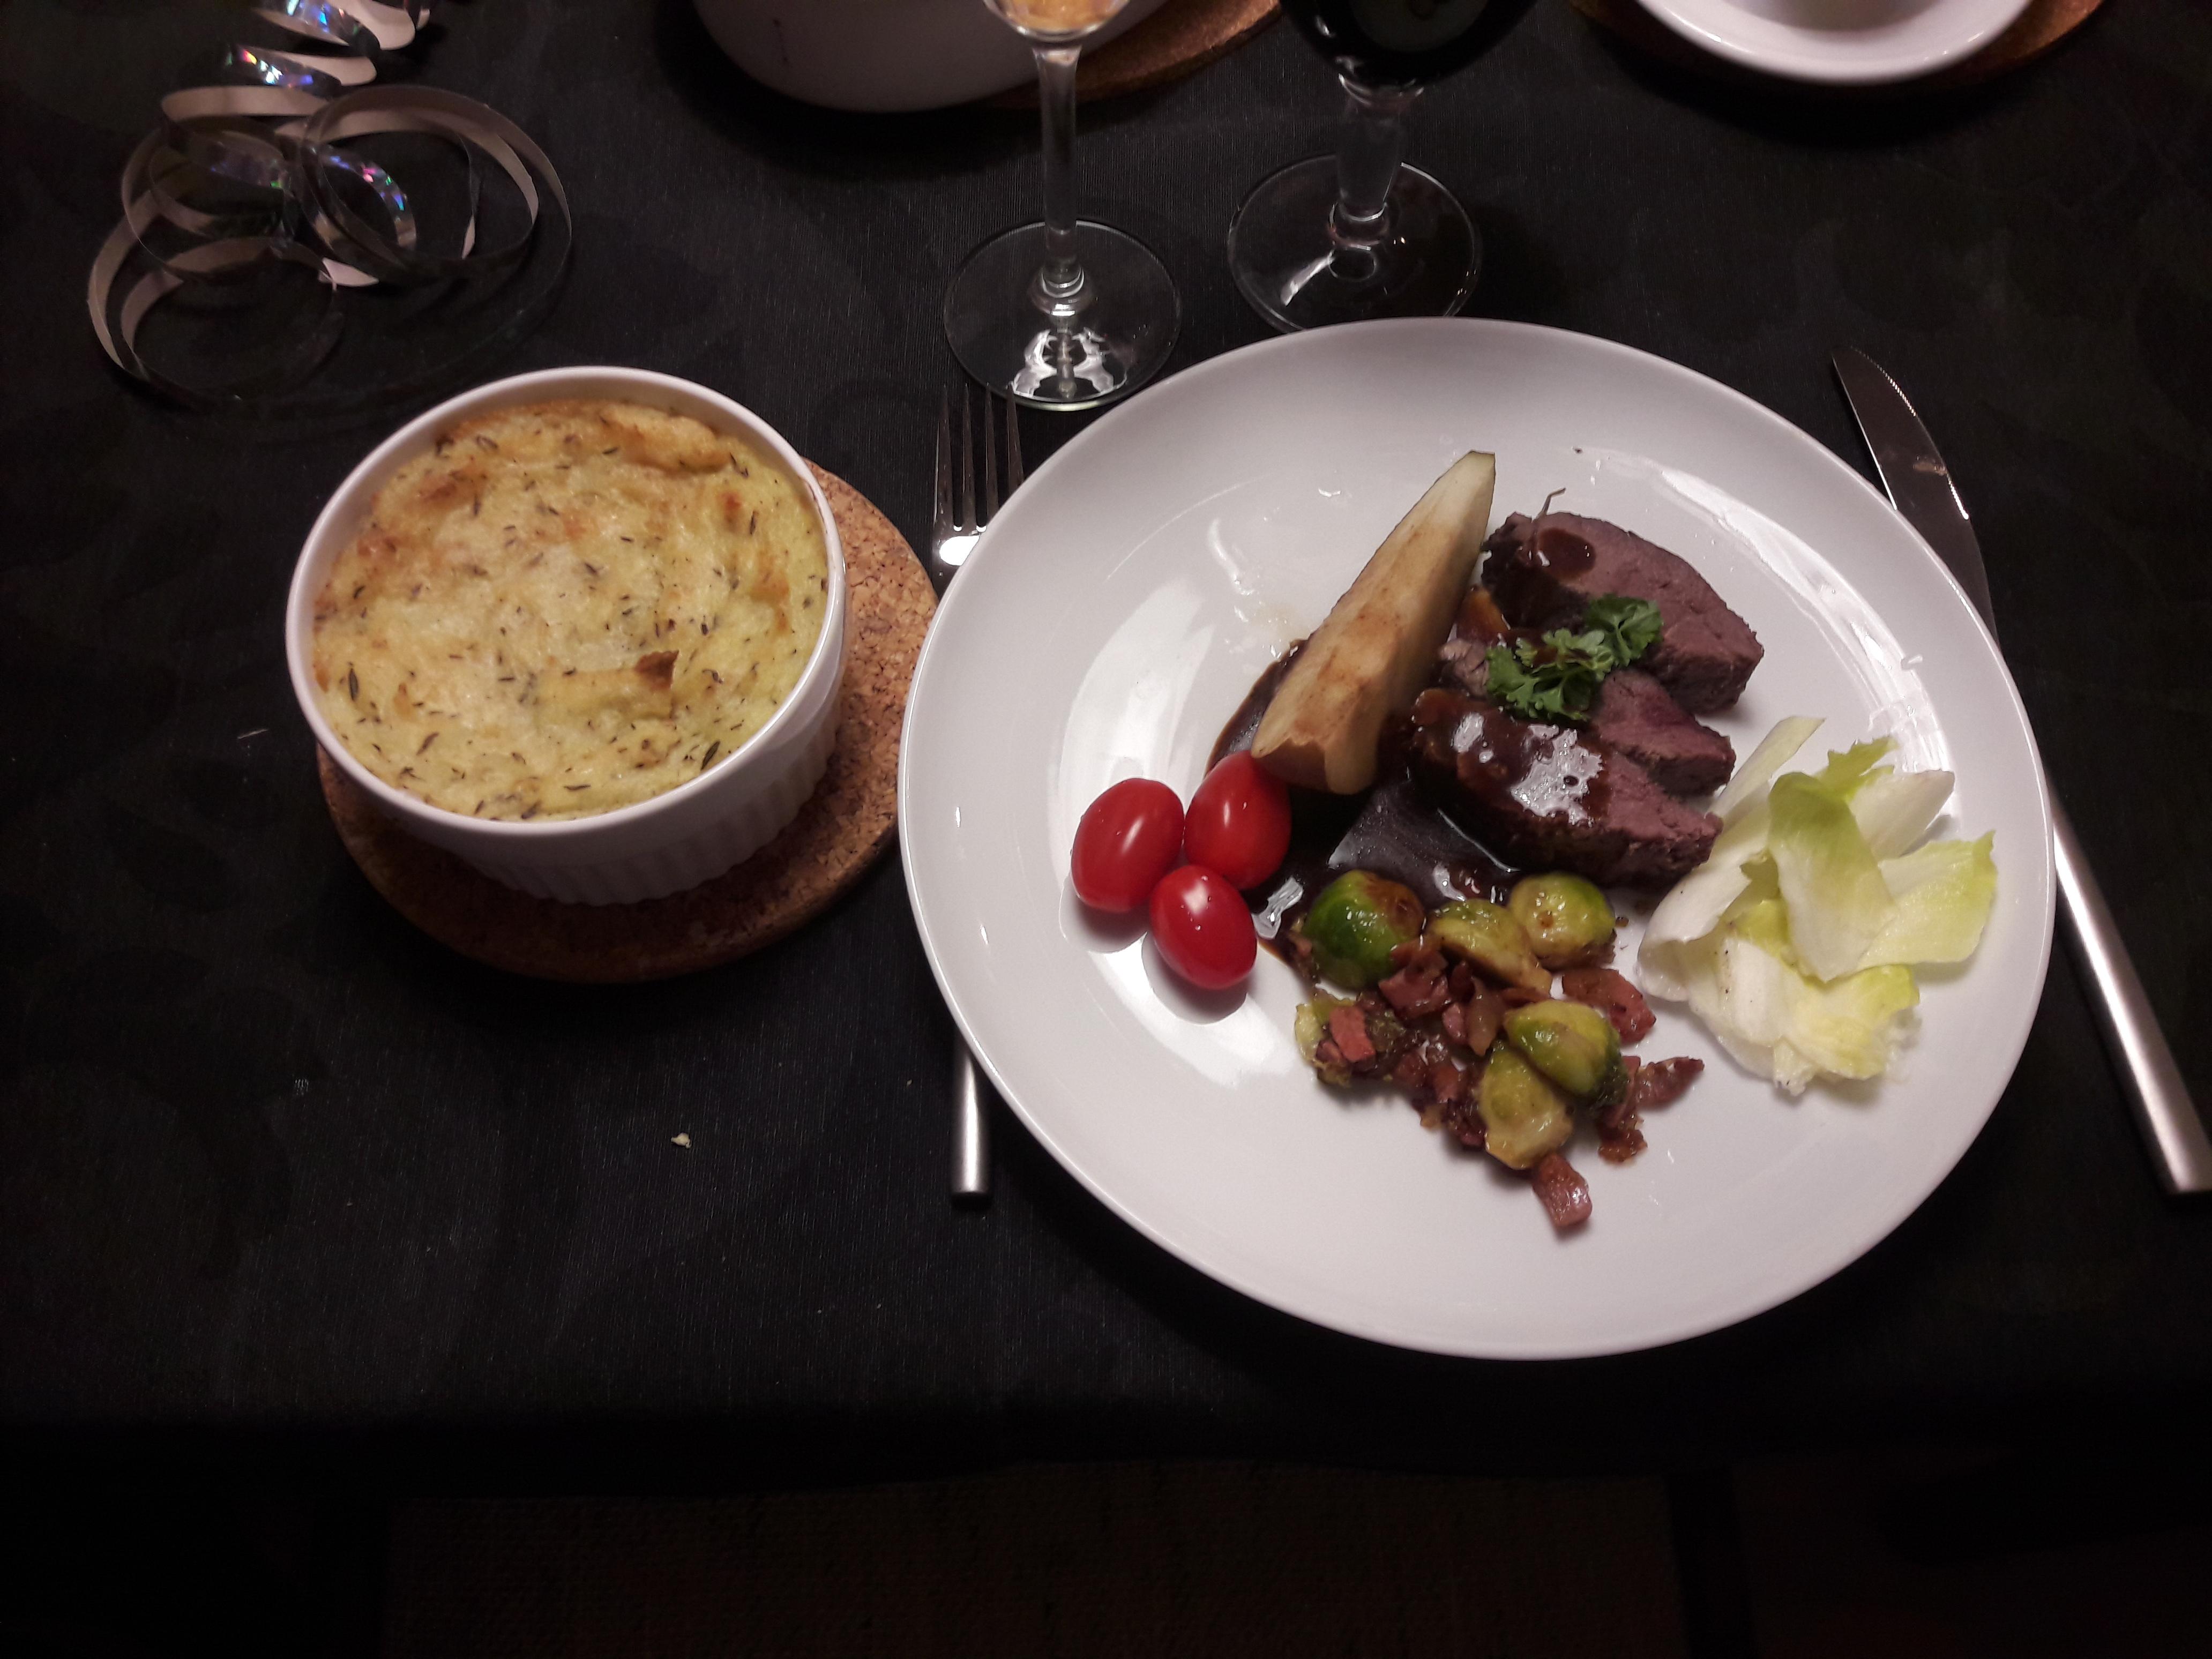 Dyreryg med rosenkål, bacon, pære og kartoffelgratin